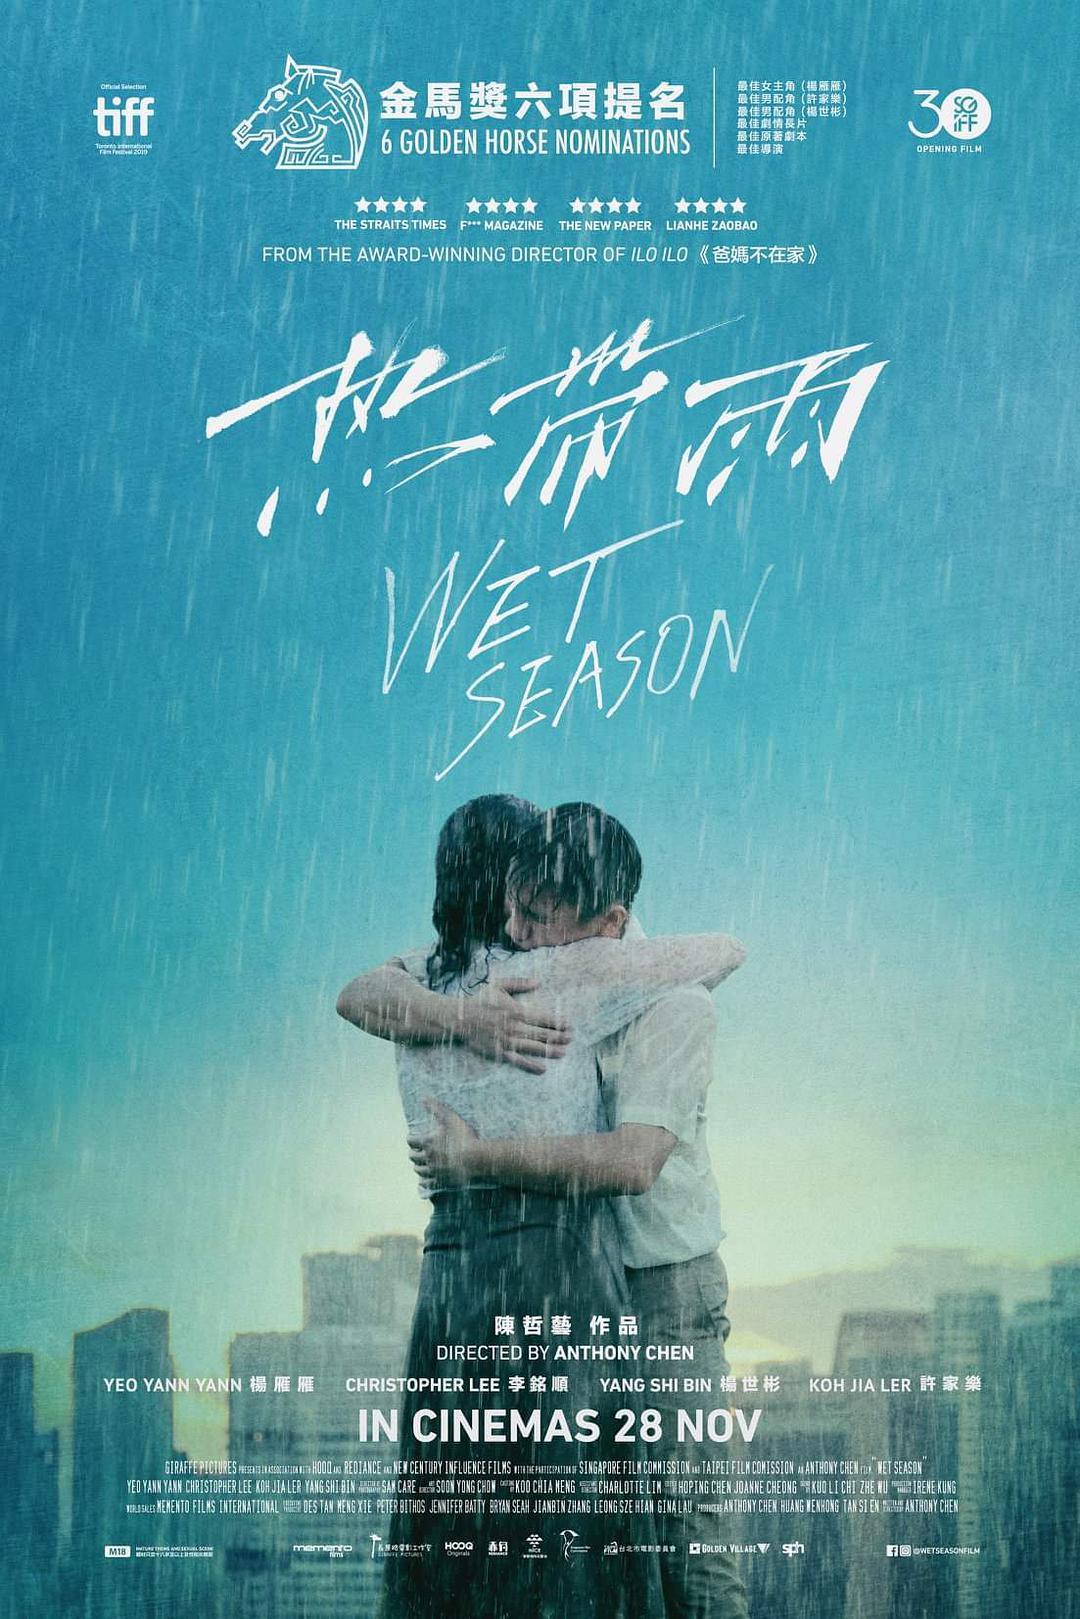 热带雨迅雷下载 蓝光高清版下载 2019 Wet Season 10.0G插图(1)